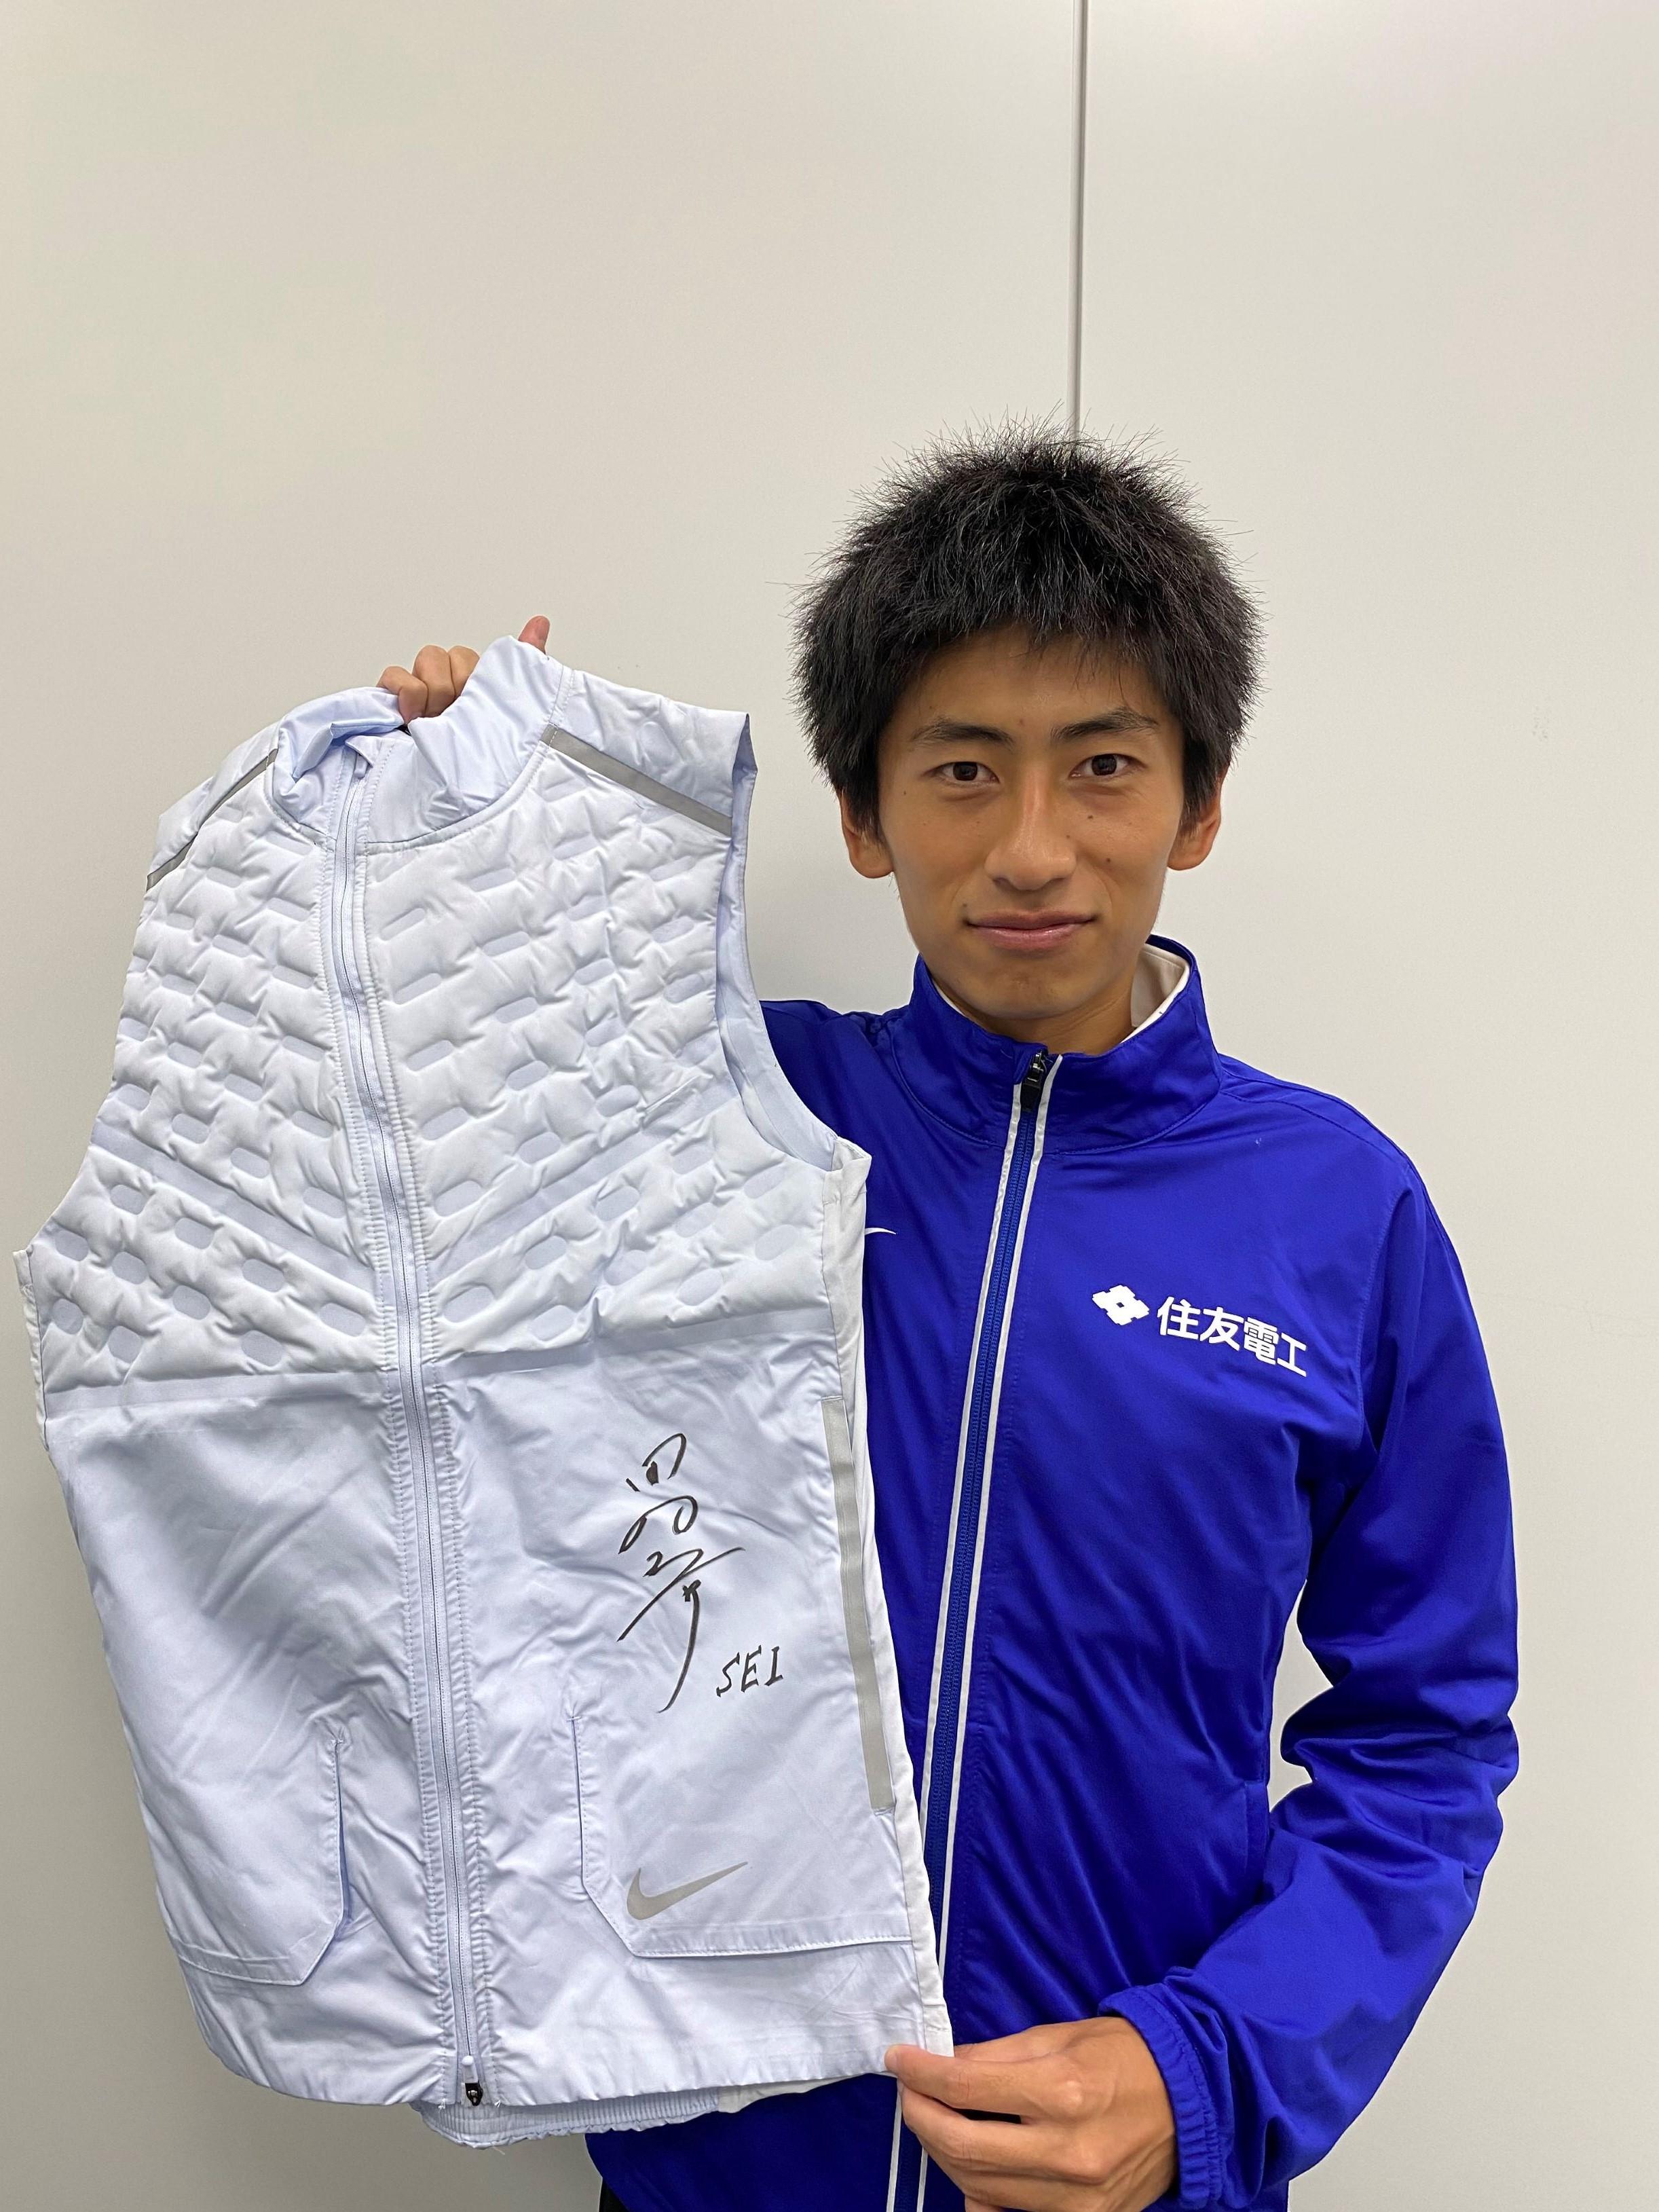 【日本陸連公式】 田村 和希 選手